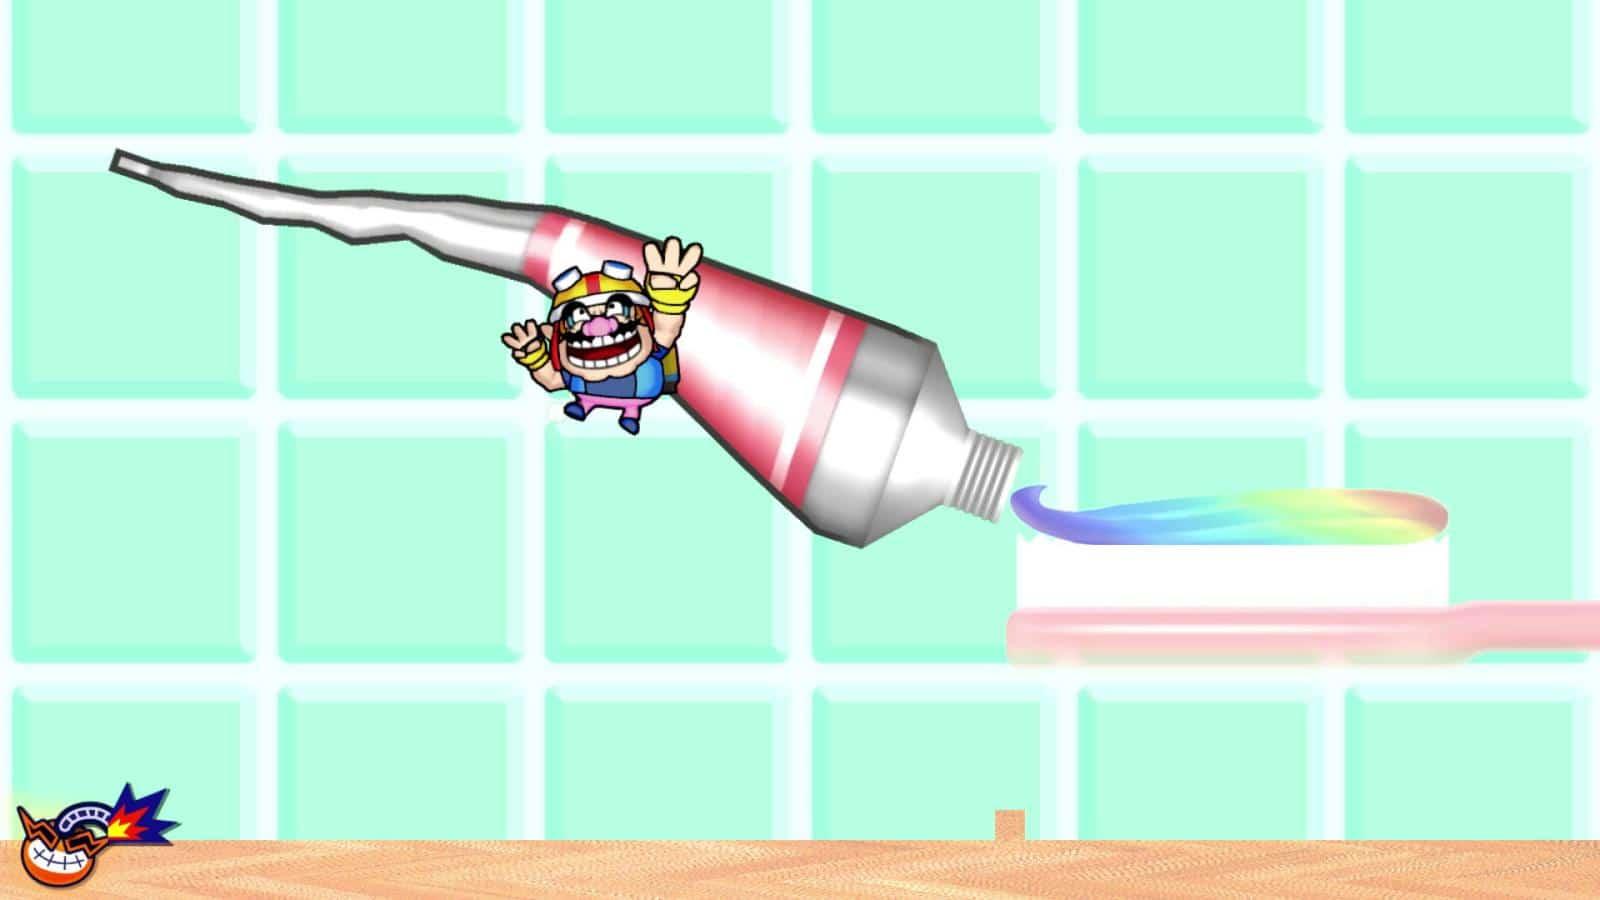 צילום מסך 1 למשחק: WarioWare: Get It Together! הדמות וואריו ומאחוריה רקע של משחת שיניים בצבעי הקשת